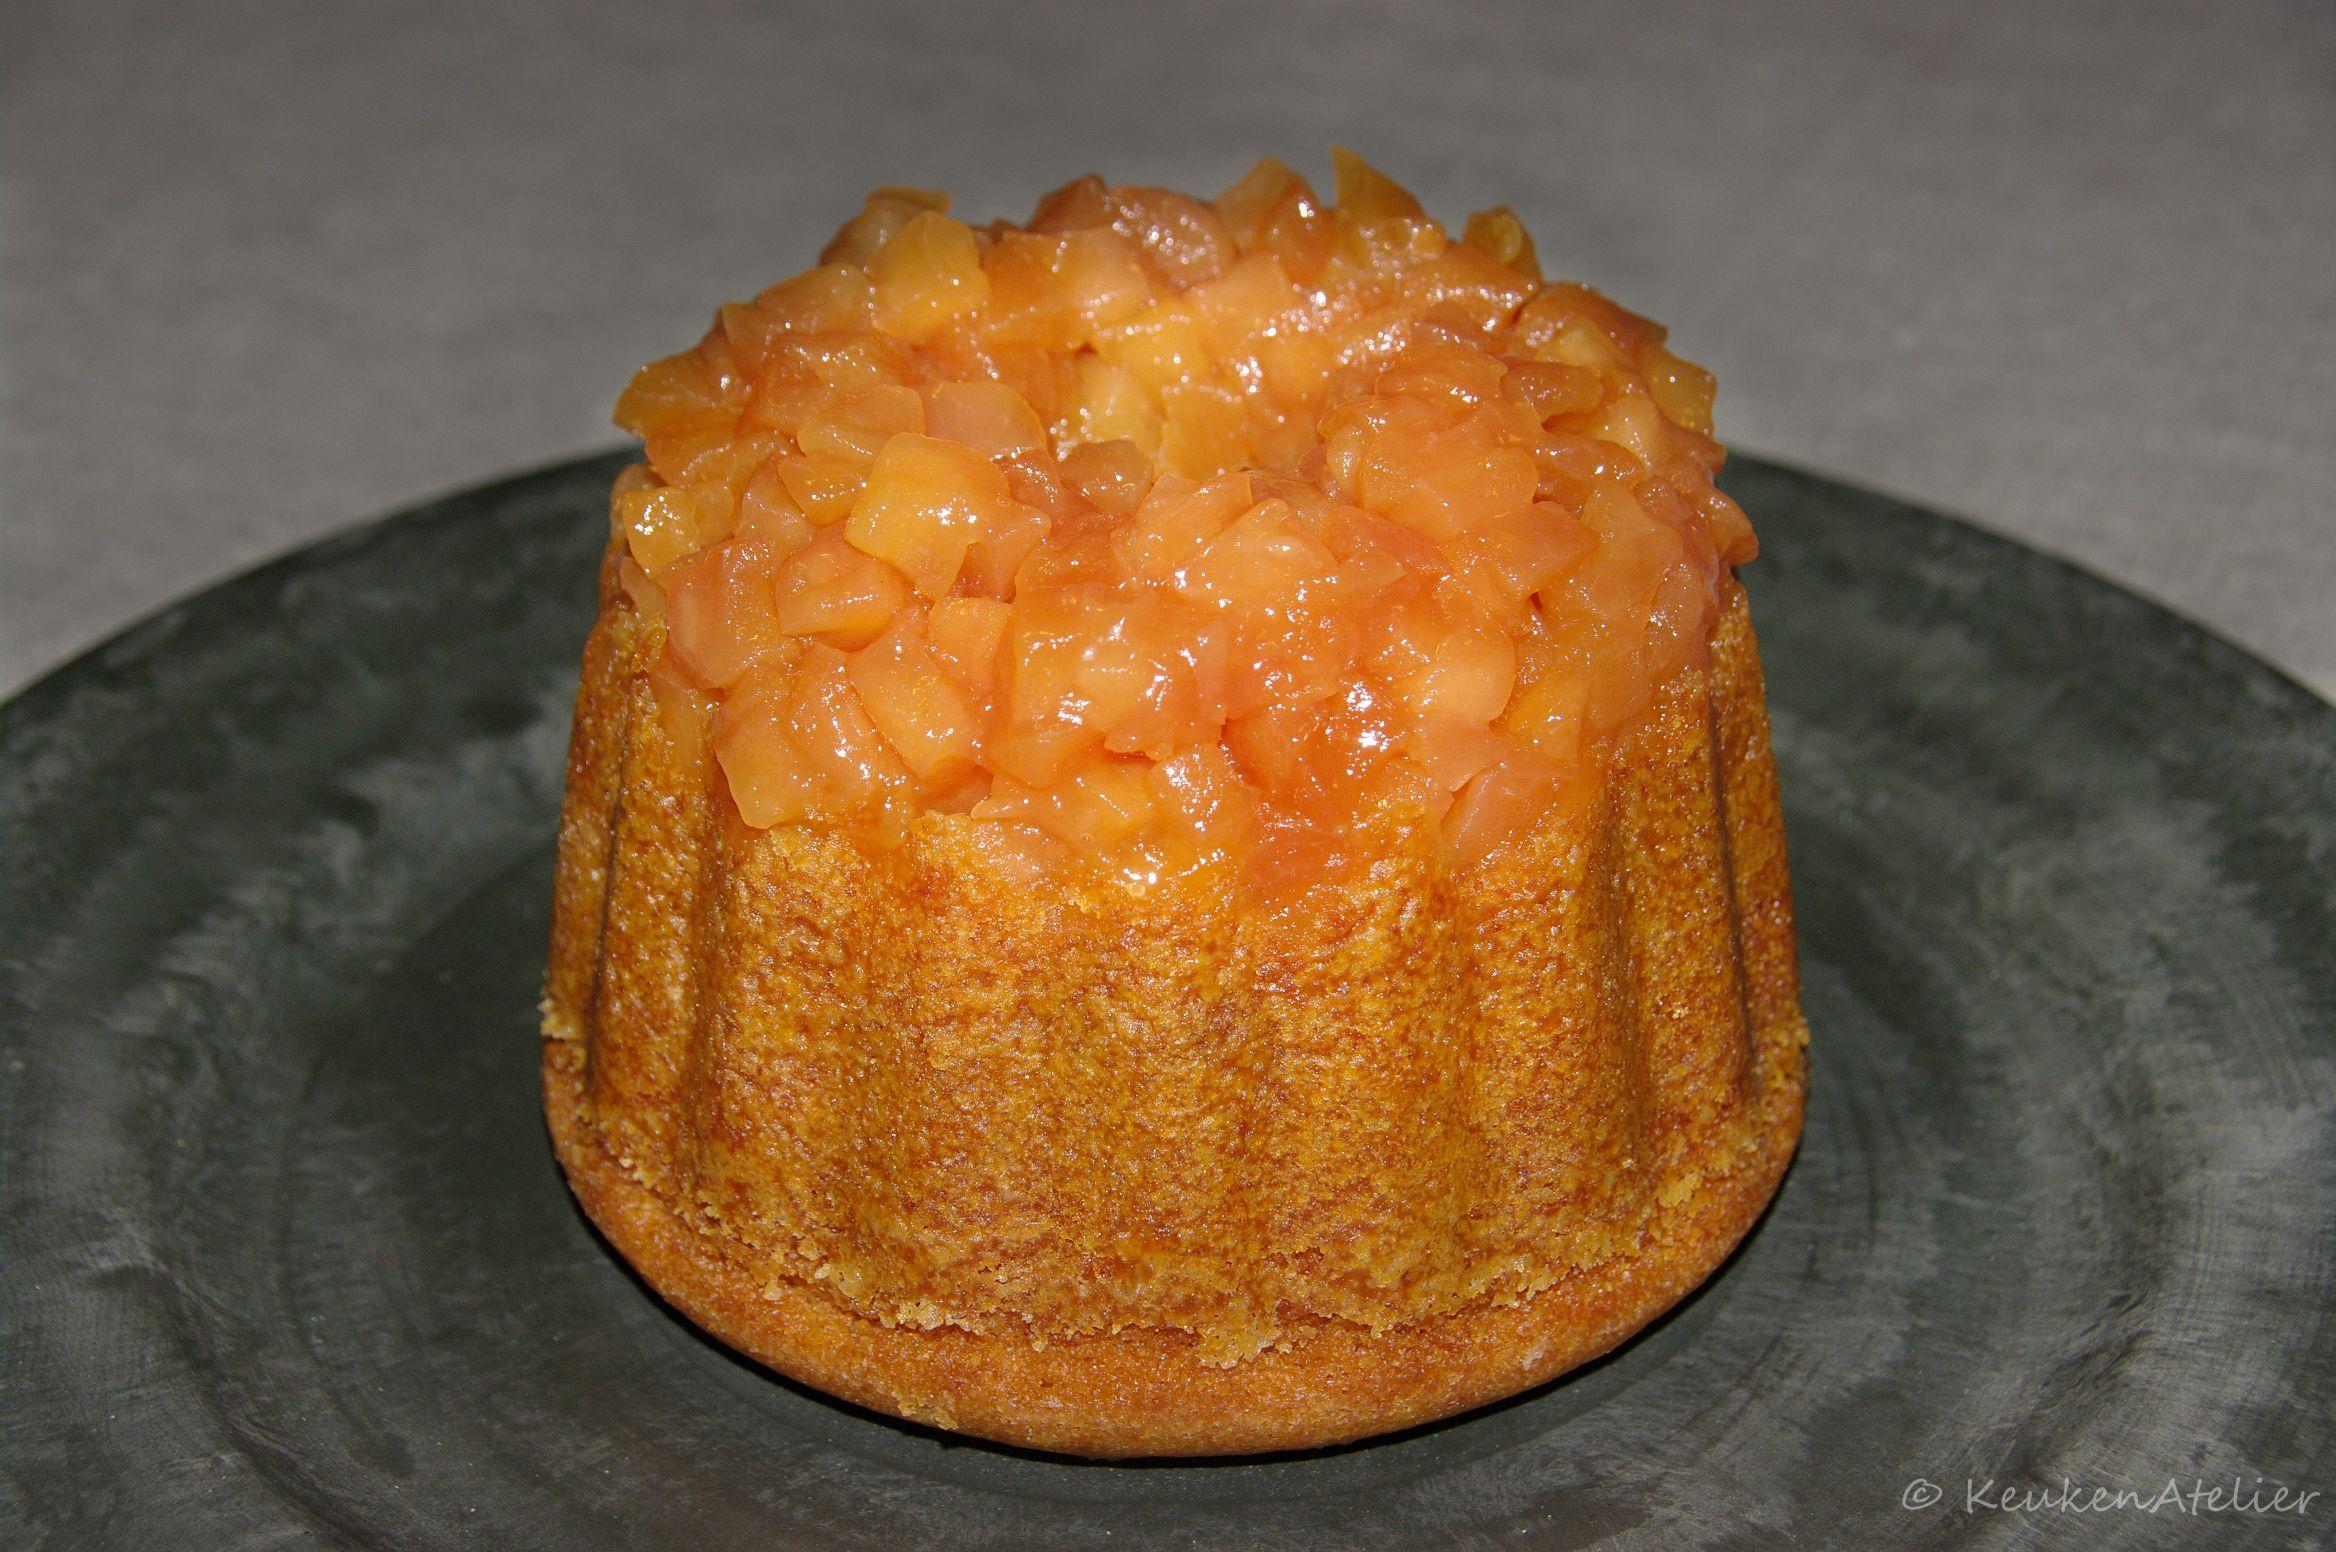 gestoomde appel karamel cake 2